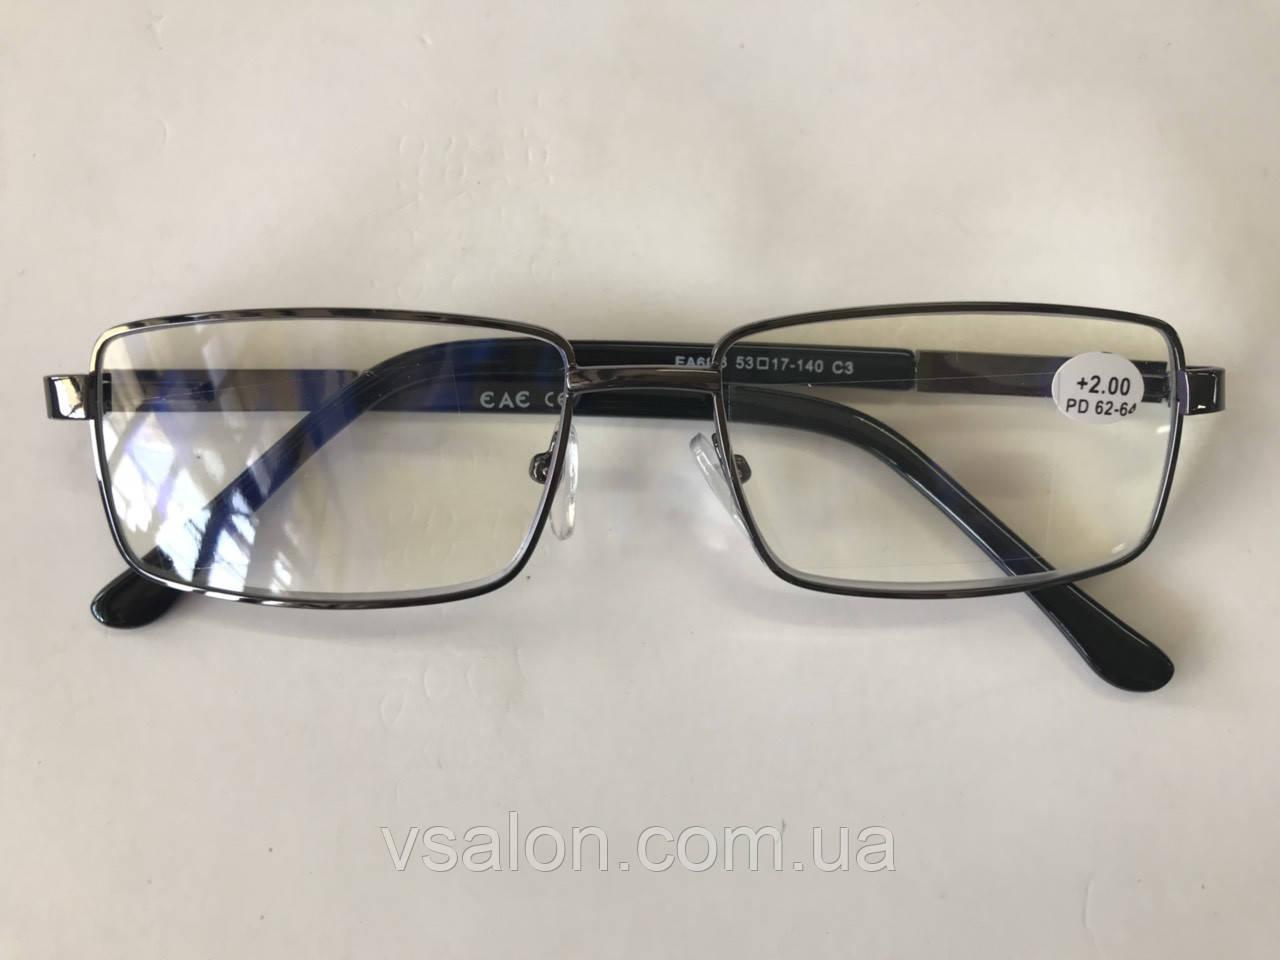 Очки для зрения мужские модные 6813